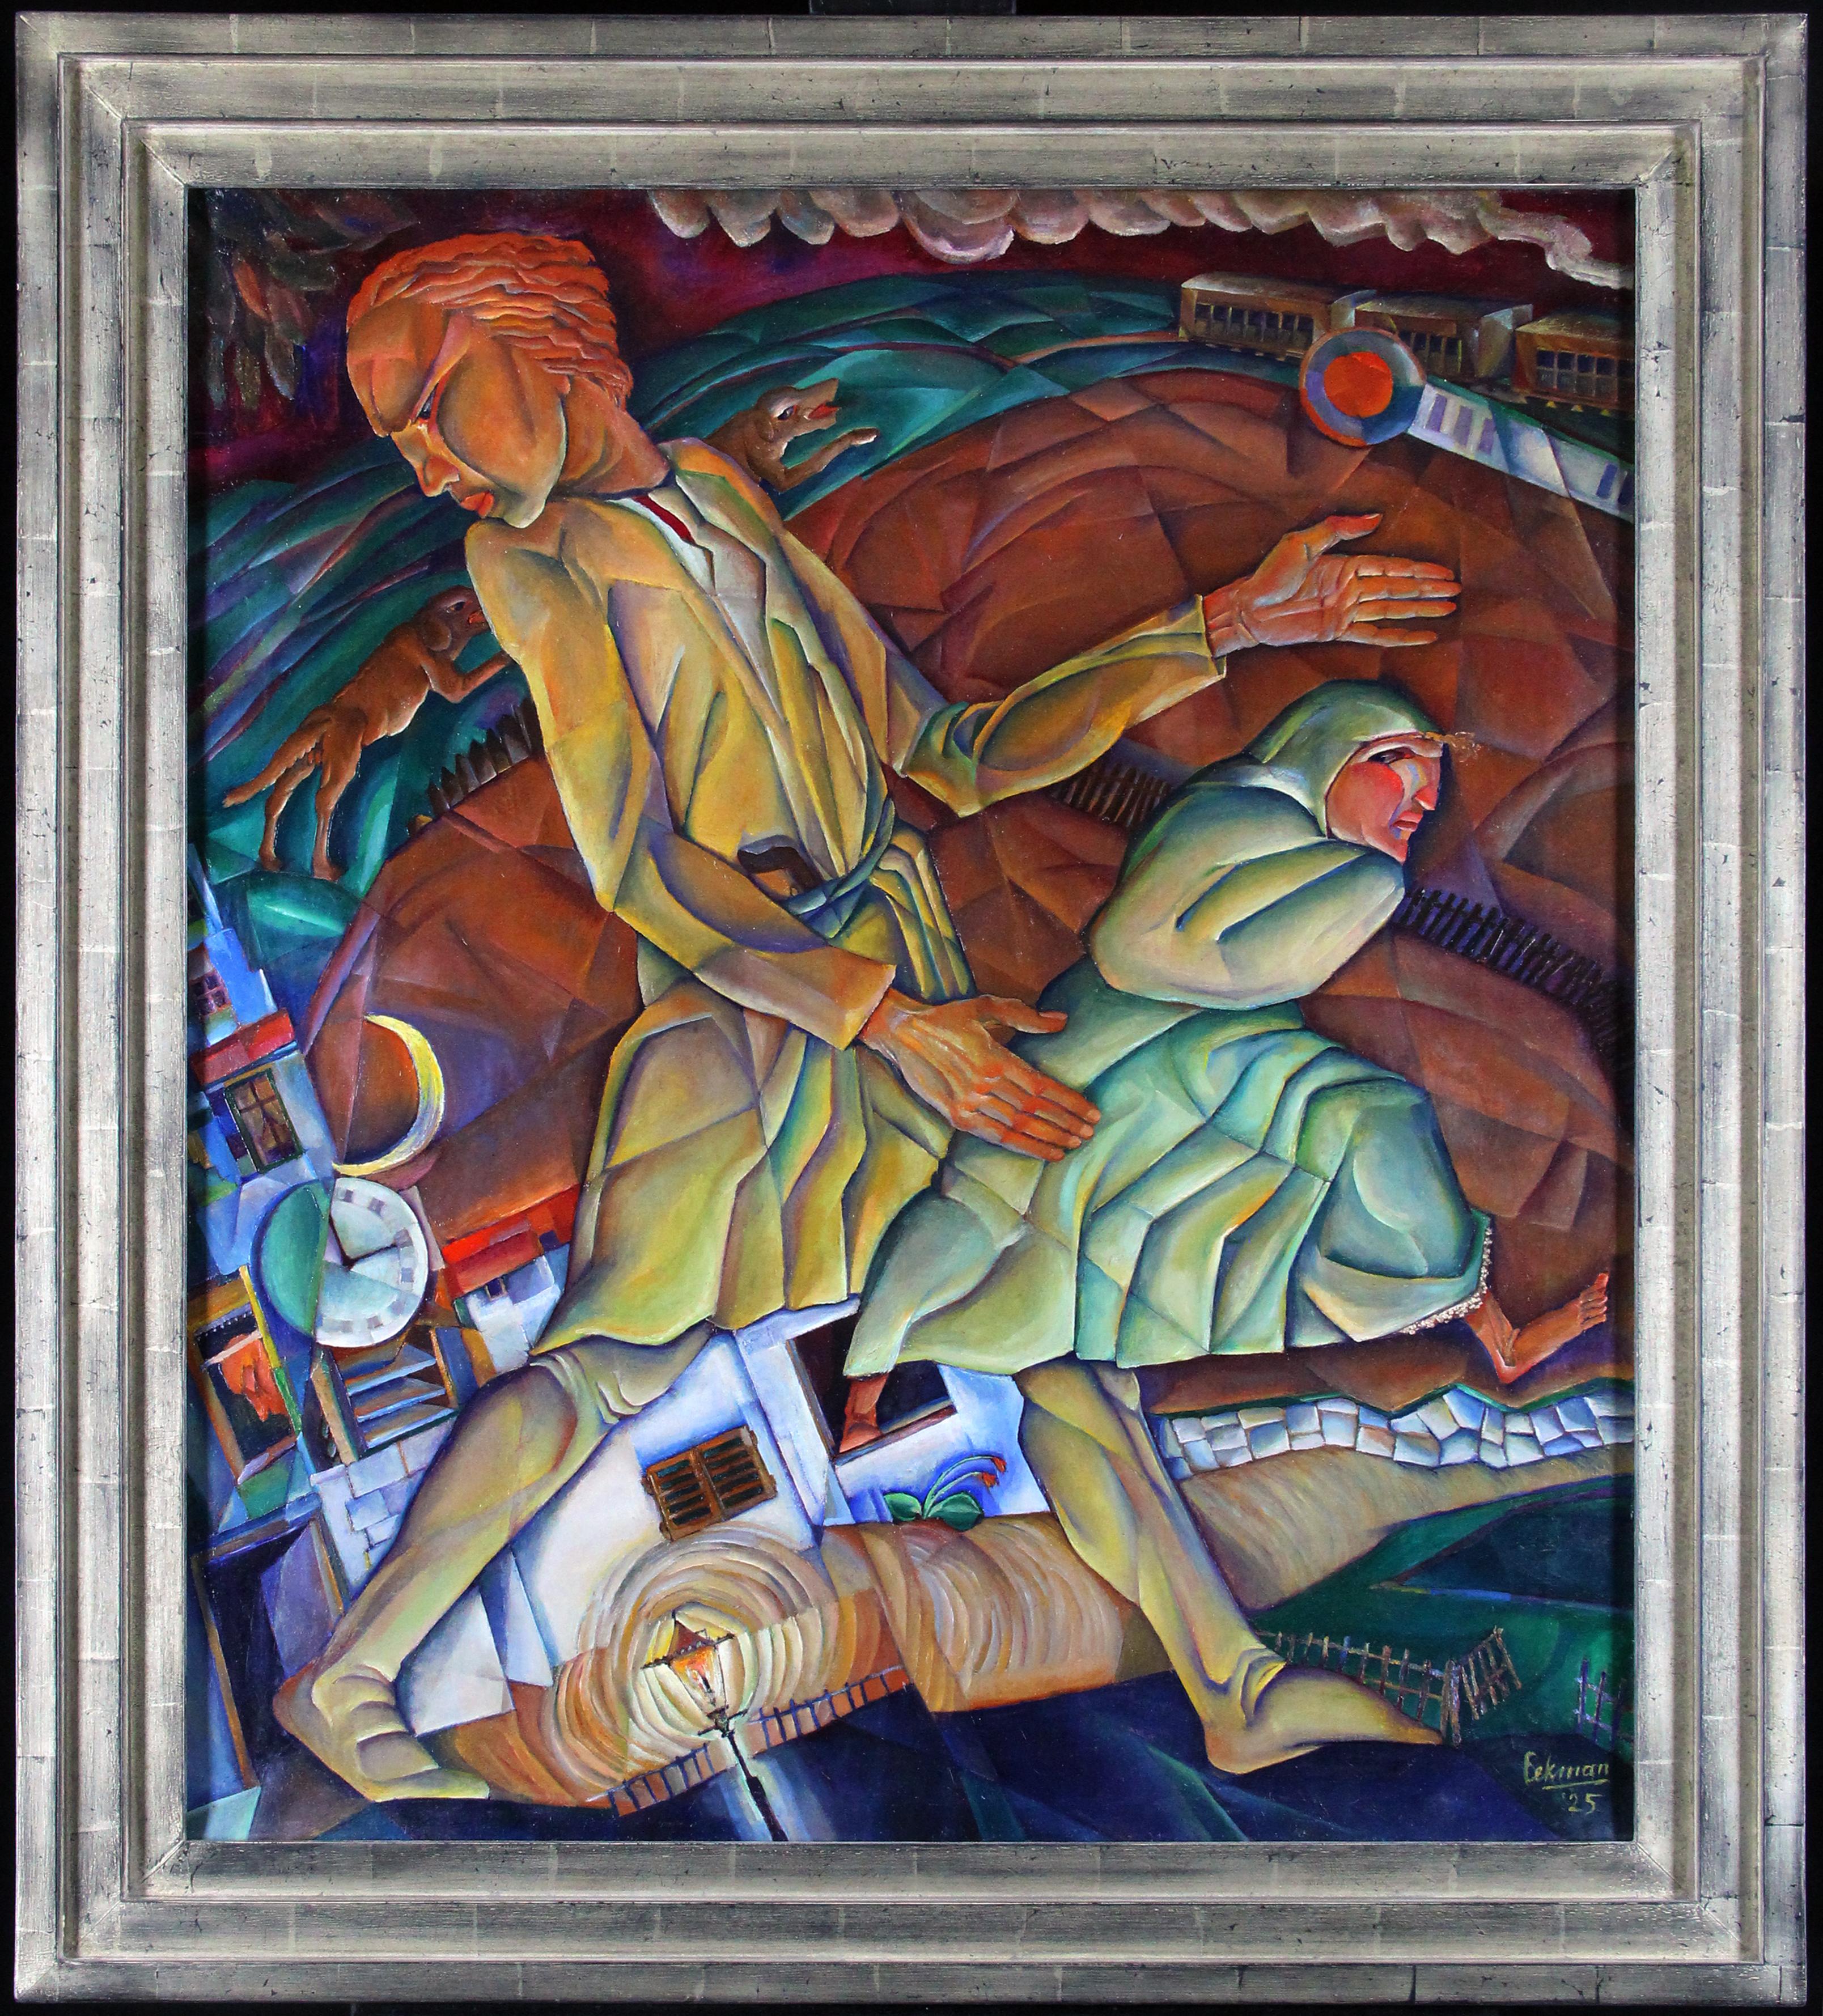 La Fuite (De ontsnapping) 1925- Nicolaas Eekman